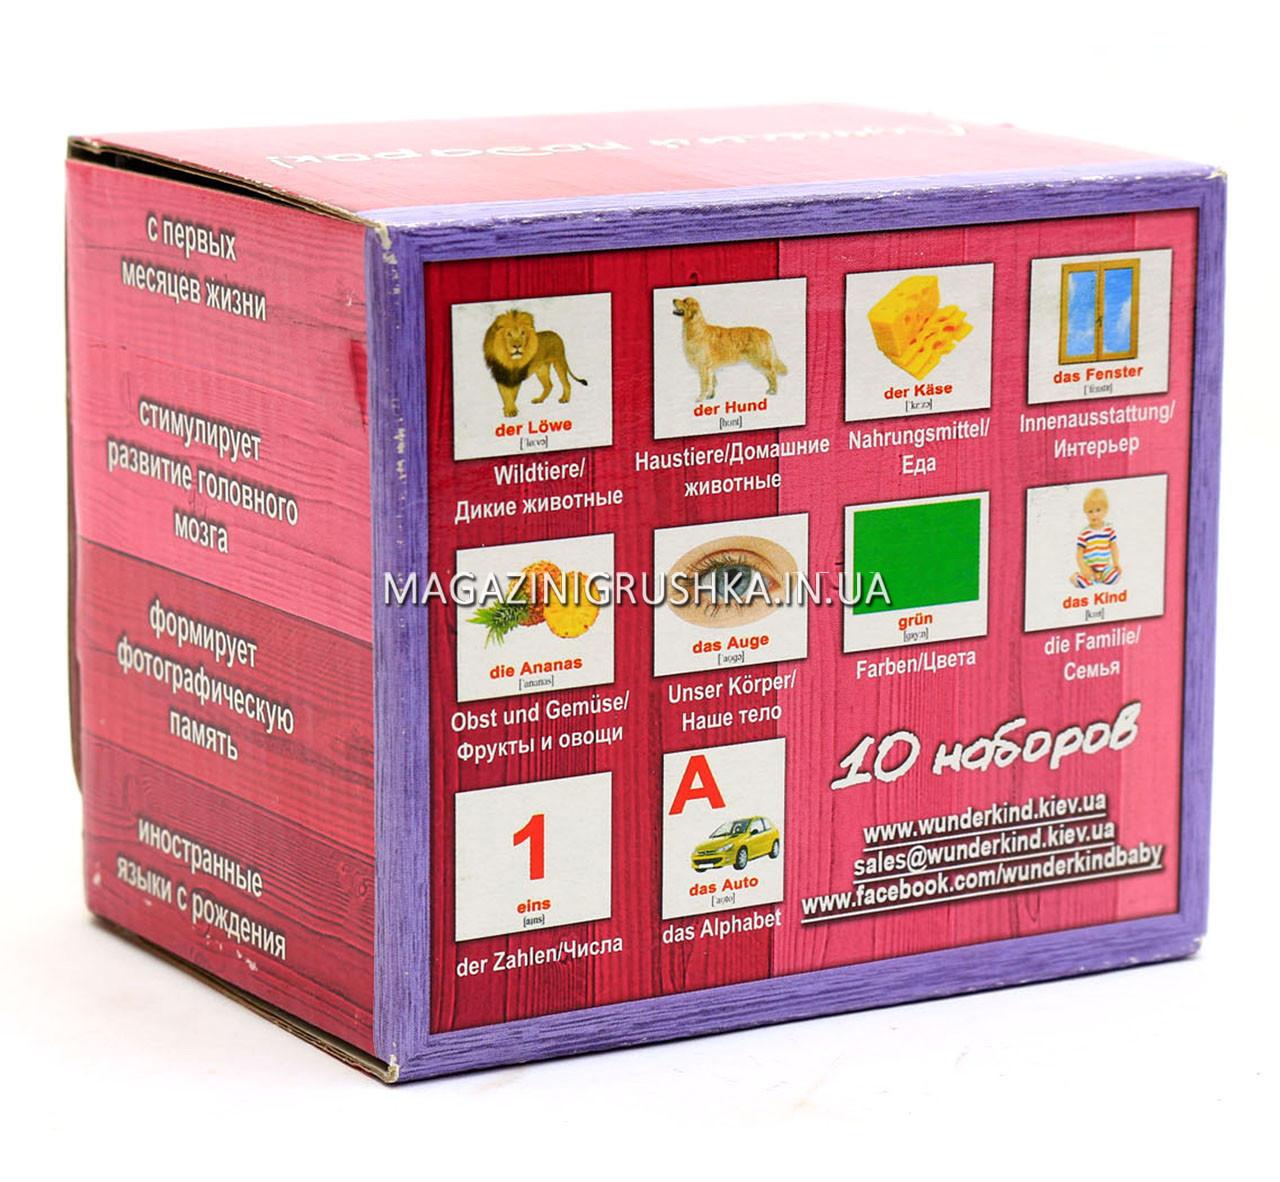 Развивающая игра Карточки Домана немецко-русский чемоданчик «Вундеркинд с пеленок» - 10 наборов арт. 155512